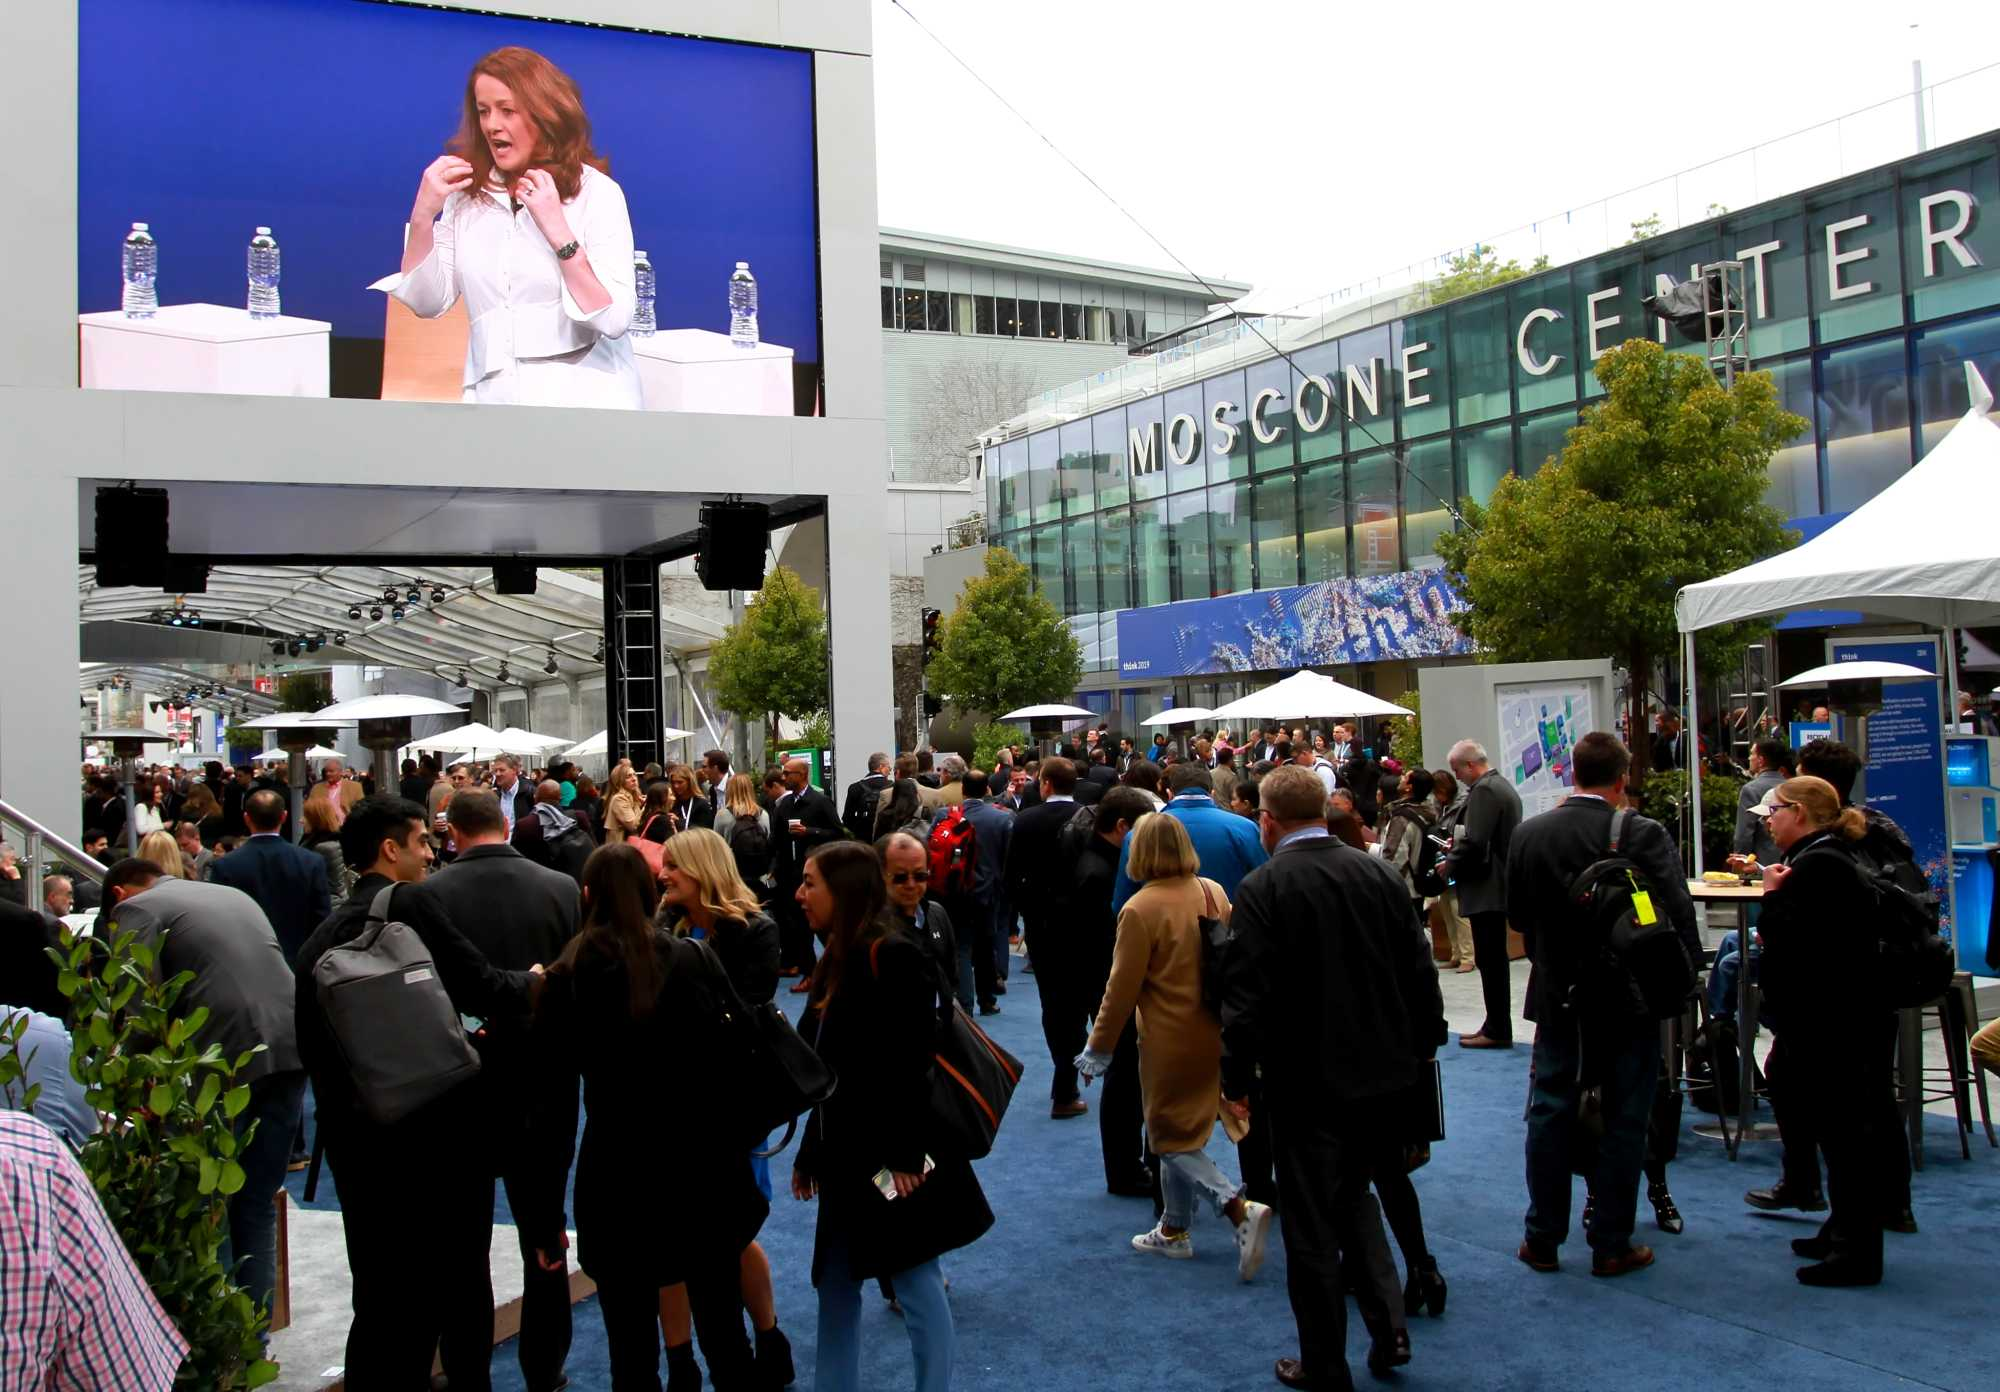 Die diesjährige Think findet im Moscone Center in San Francisco statt